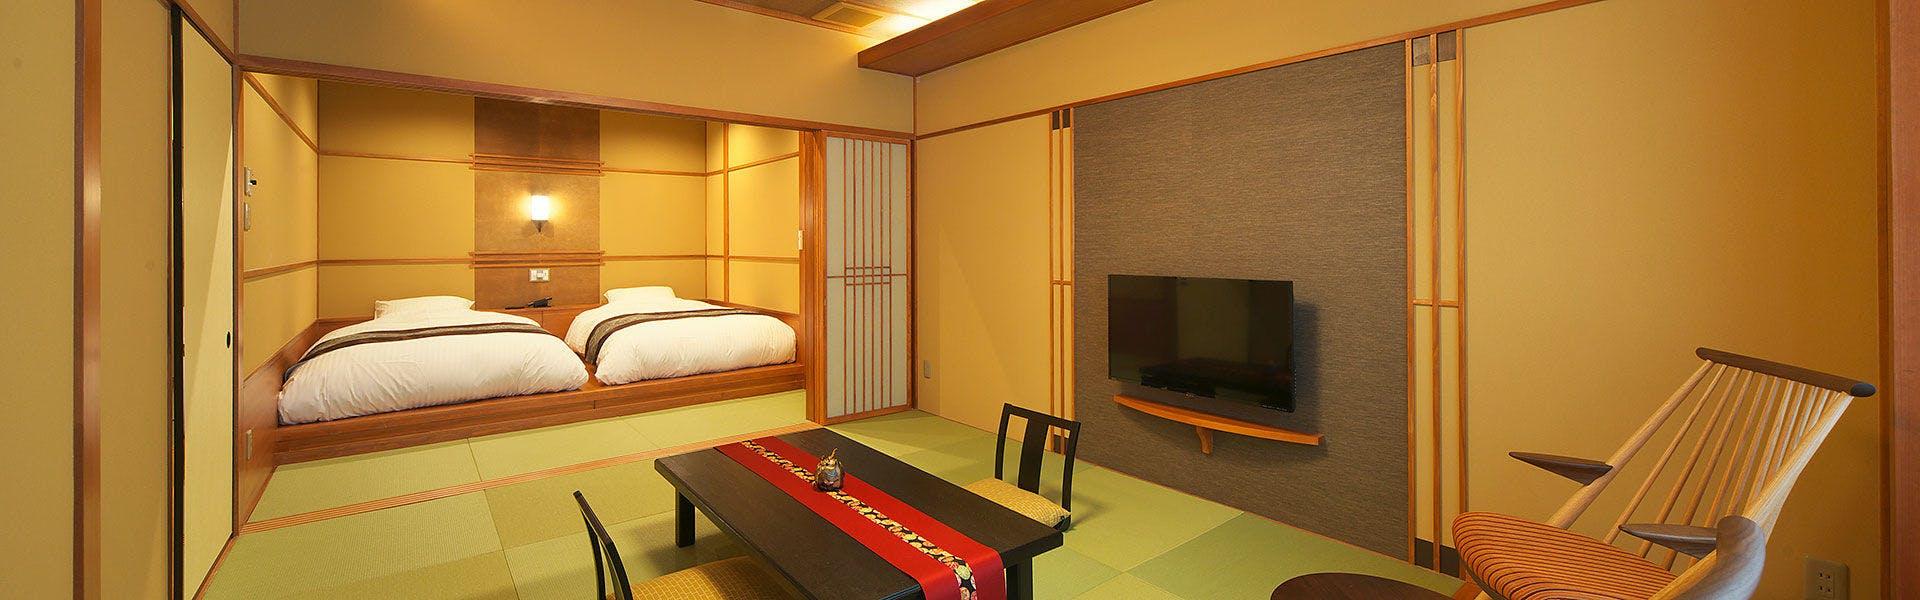 記念日におすすめのホテル・【和海の宿ささ游】 の空室状況を確認するの写真2